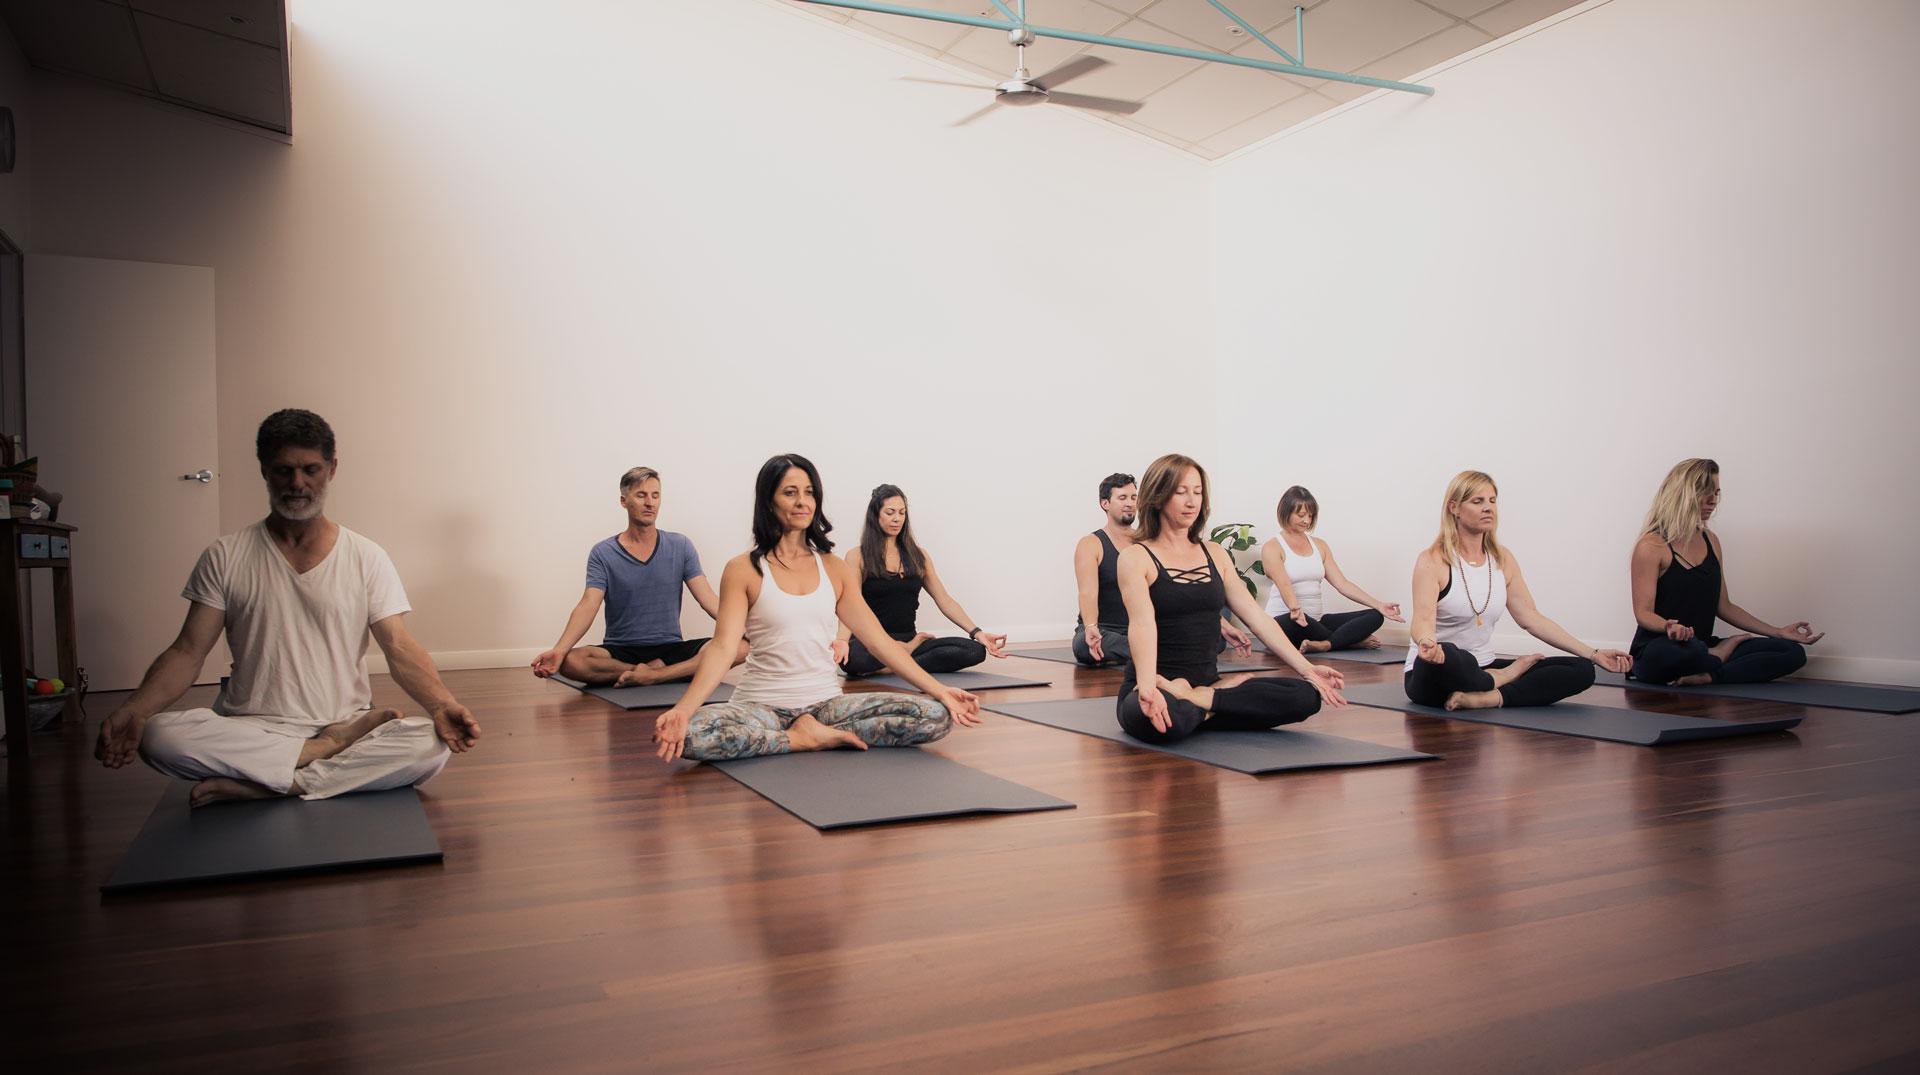 The Yoga Clinic: Trauma Sensitive Yoga Perth holistic